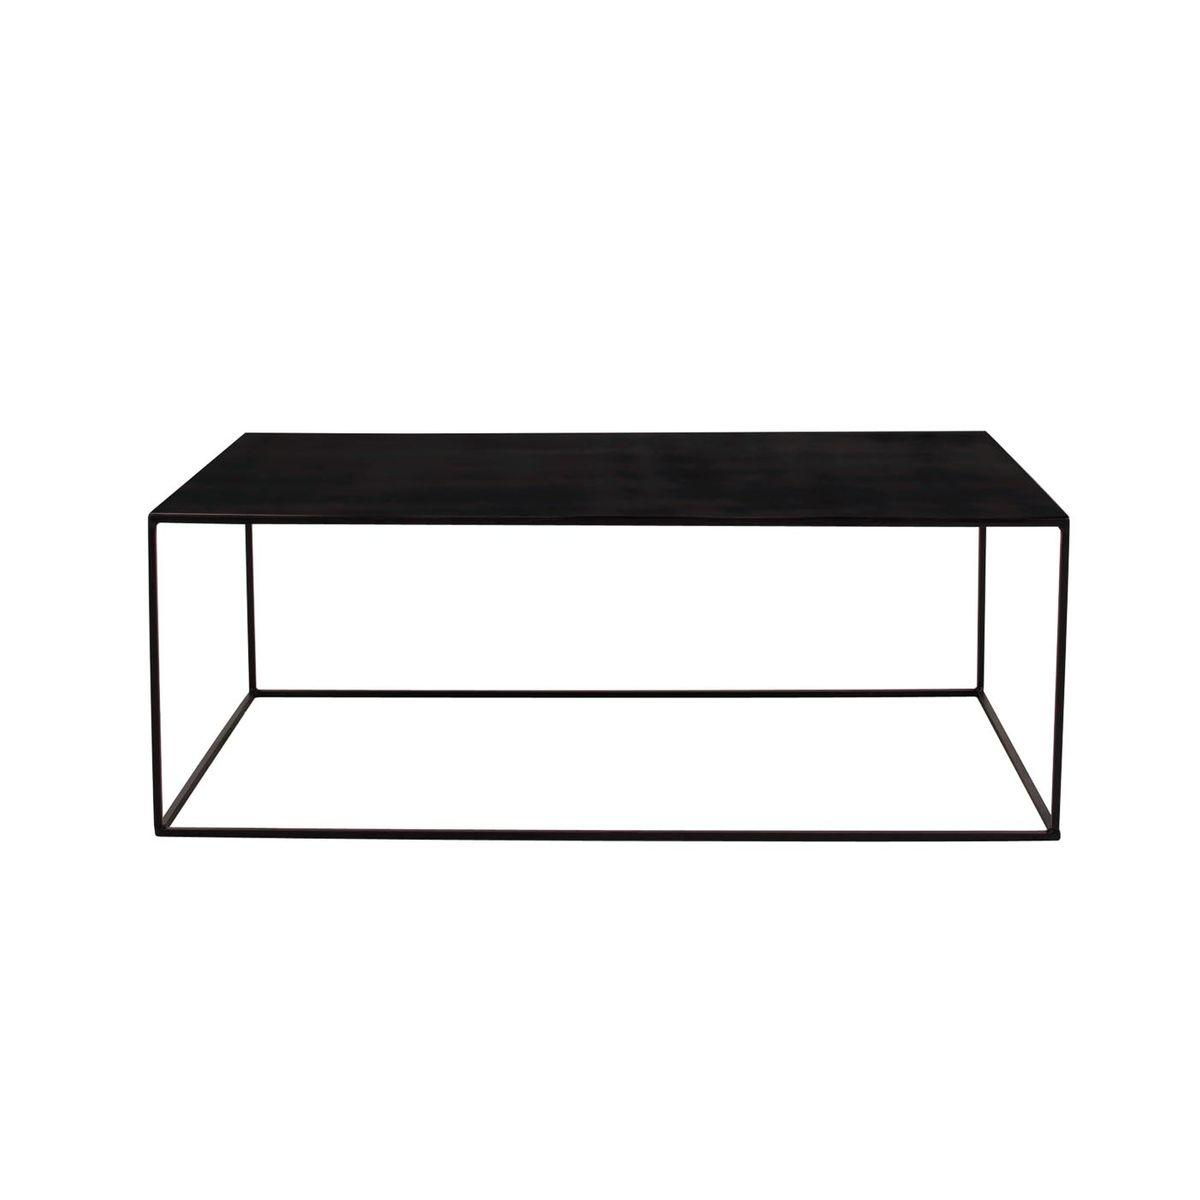 Table basse en métal rectangulaire de 110 cm